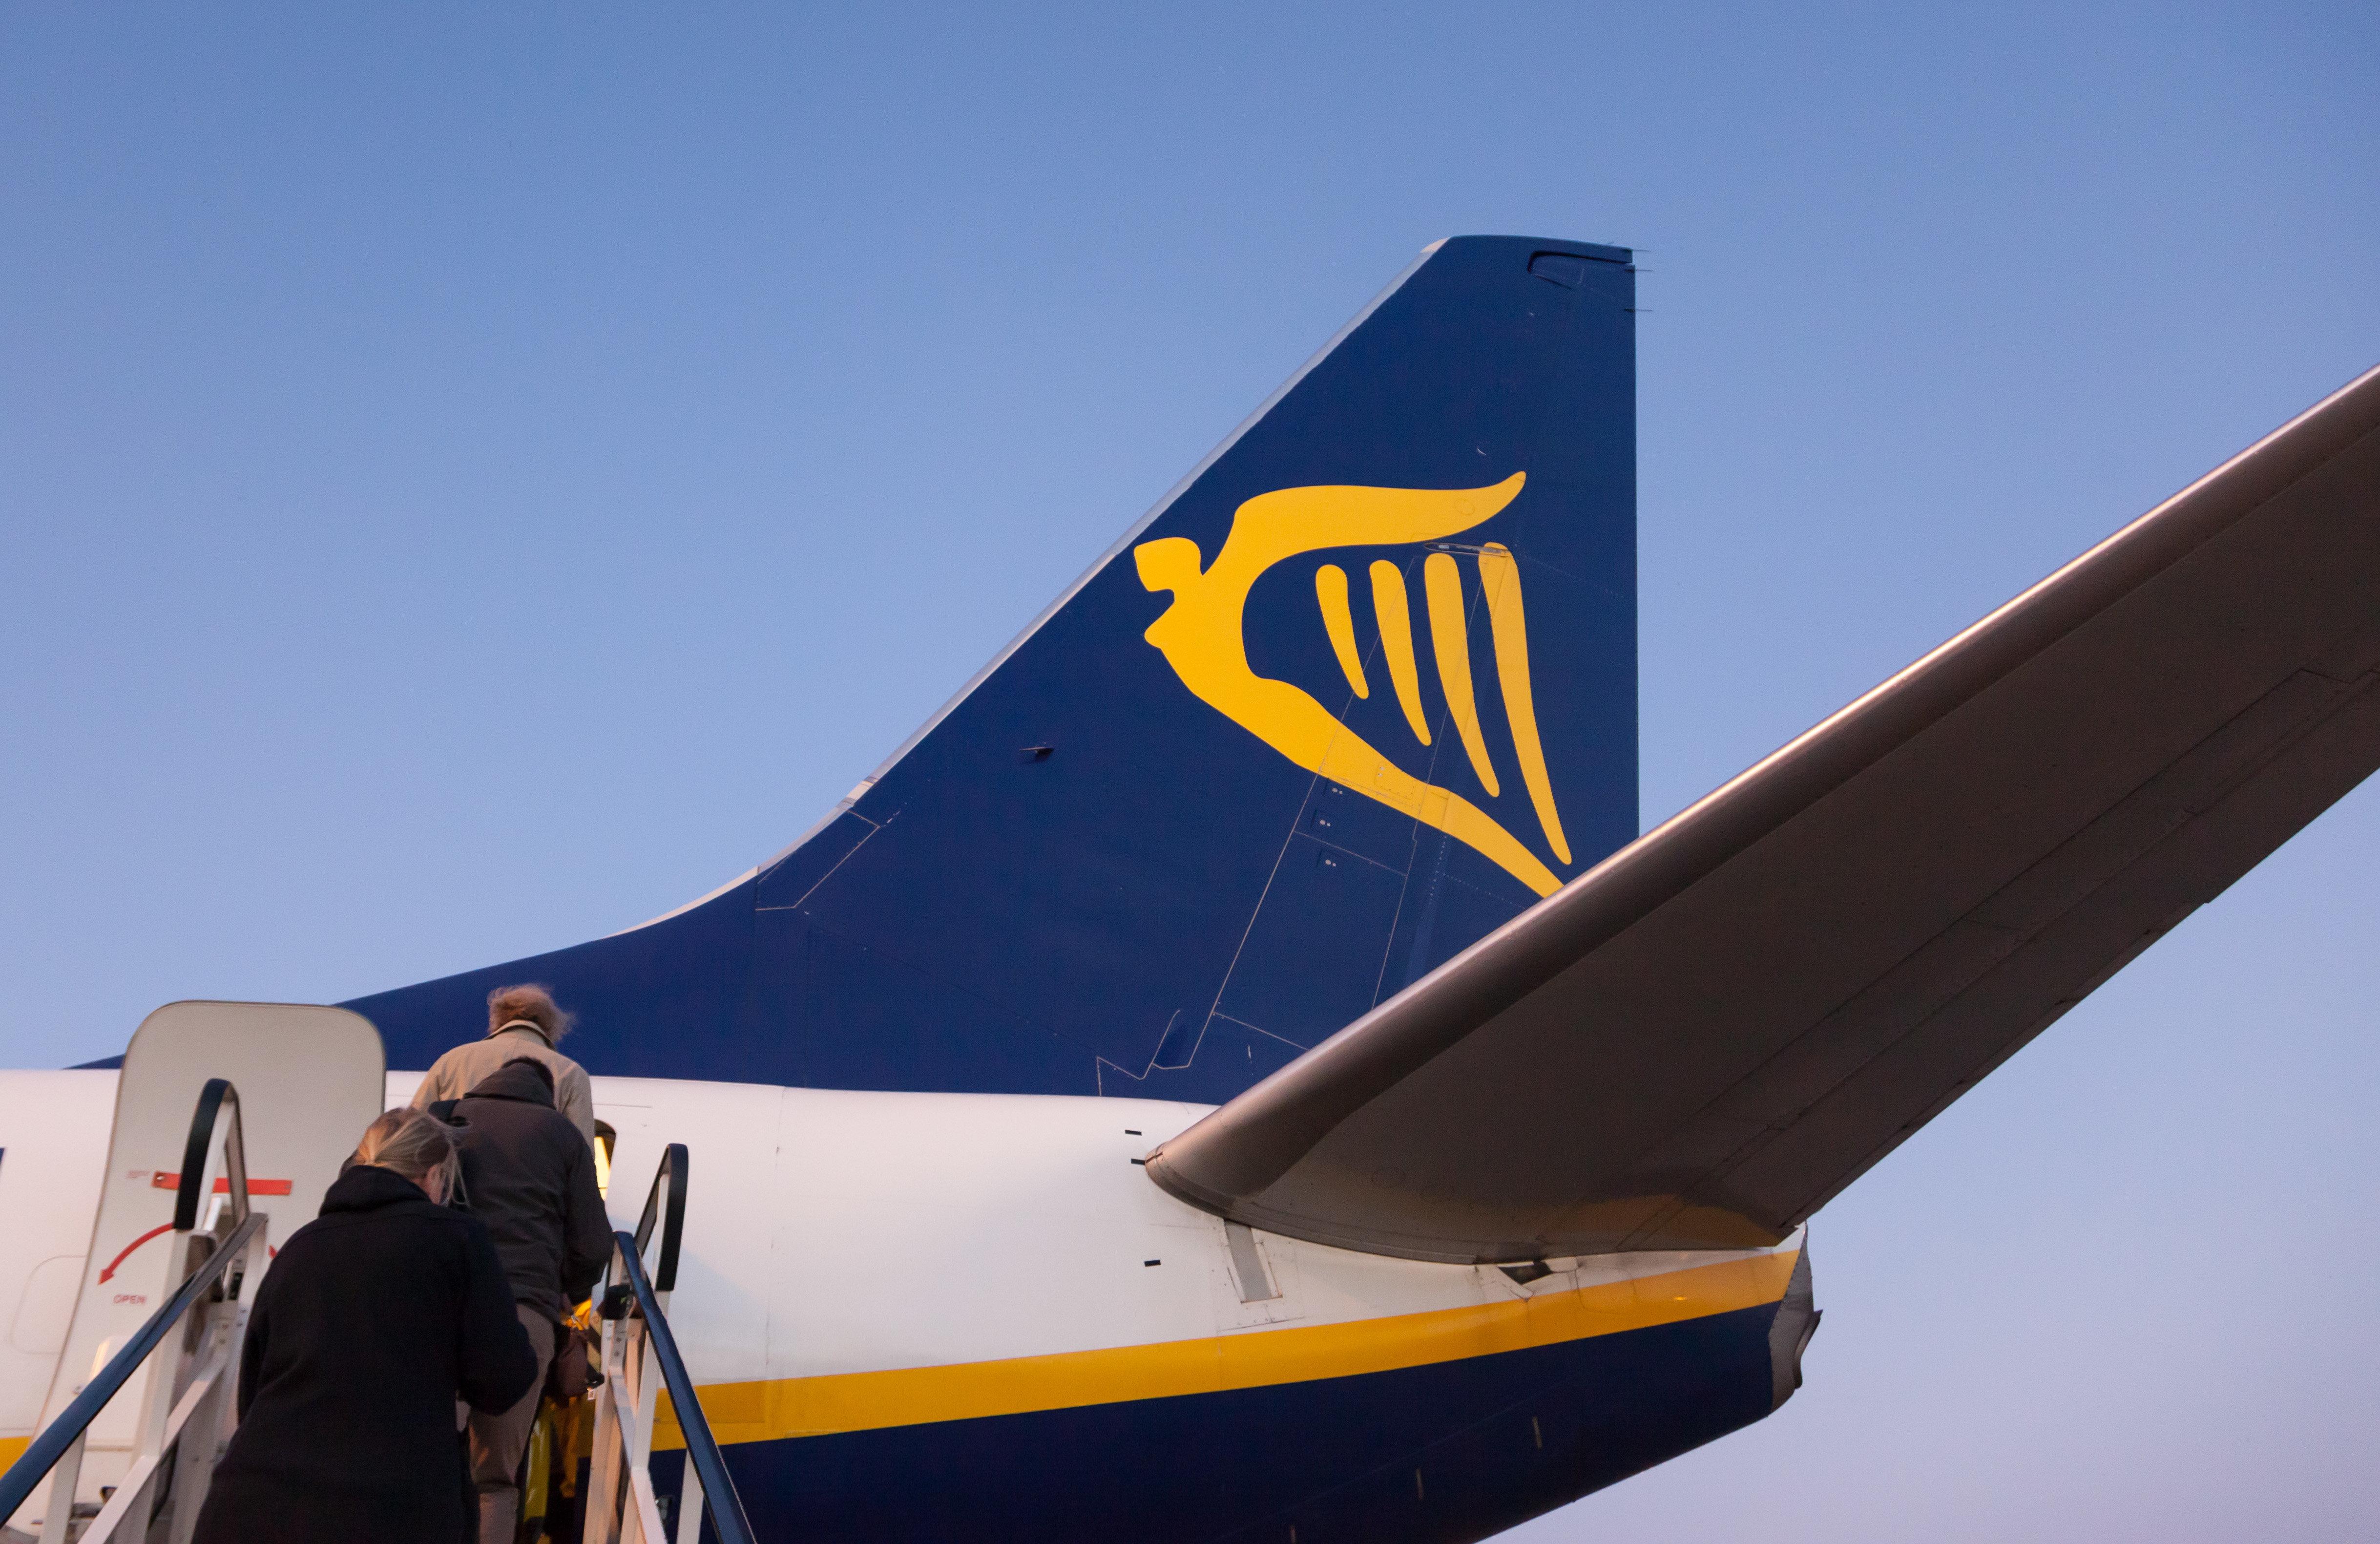 El avión de Ryanair está listo para comenzar cuando las autoridades despejan el avión